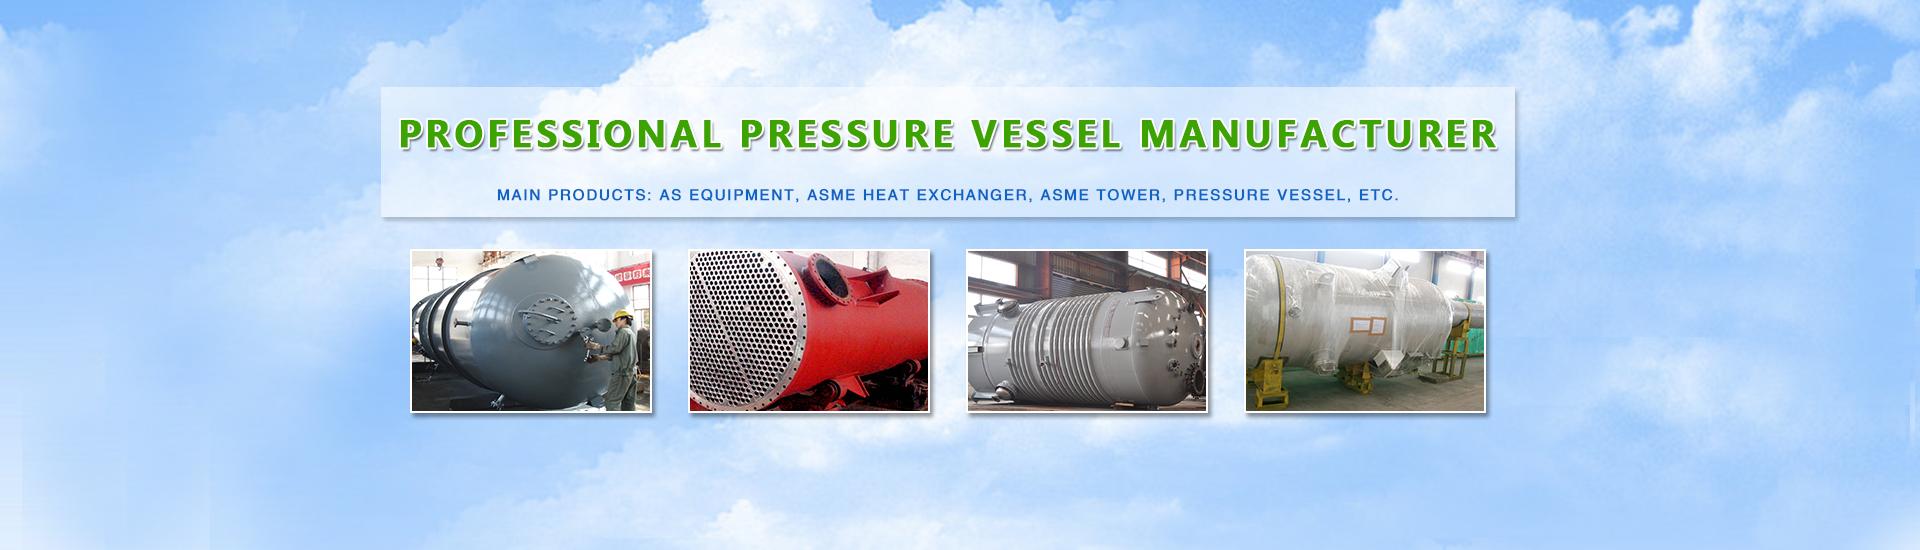 Pressure vessel manufacturer